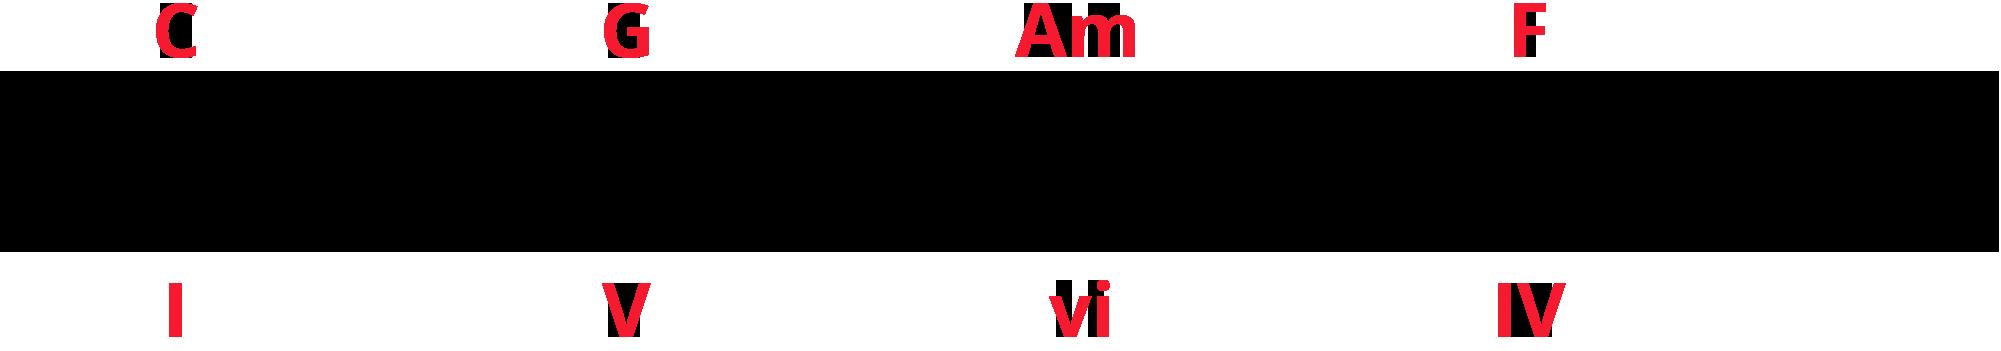 Labelled treble clef staff of triads C-G-Am-F or I-V-vi-IV.